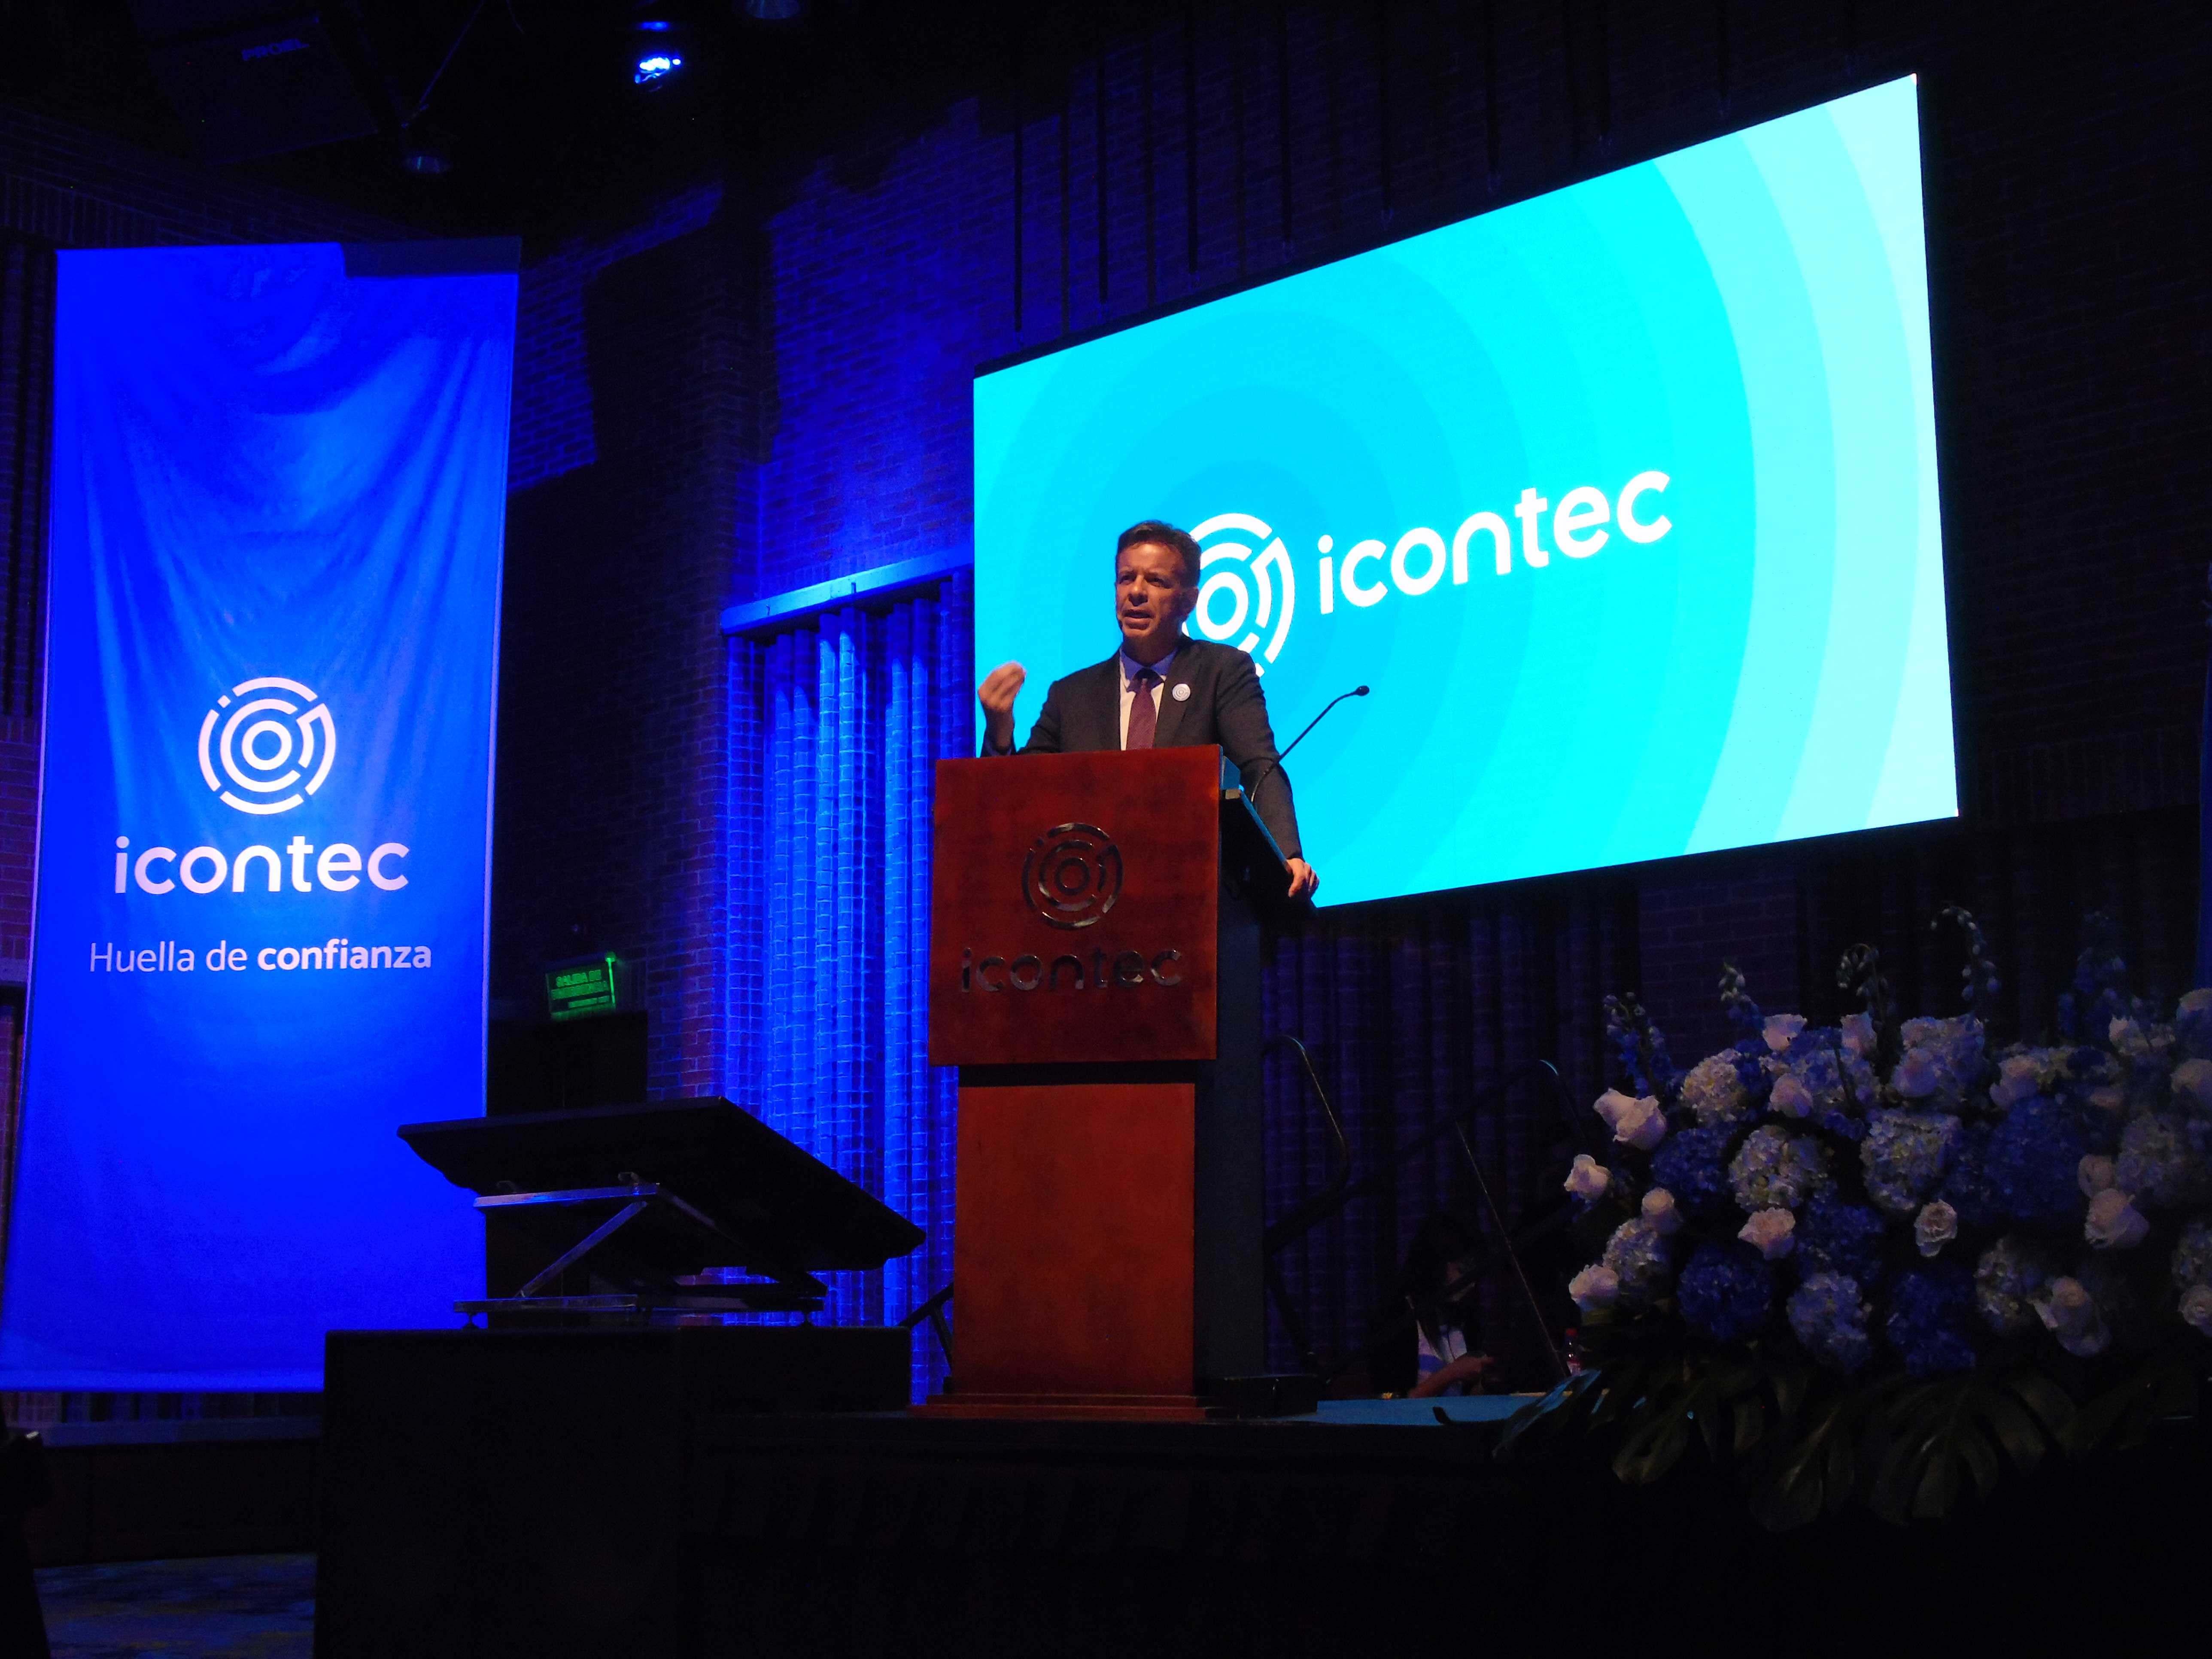 ICONTEC presentó a sus afiliados su nueva imagen de marca: un organismo que deja una huella de confianza